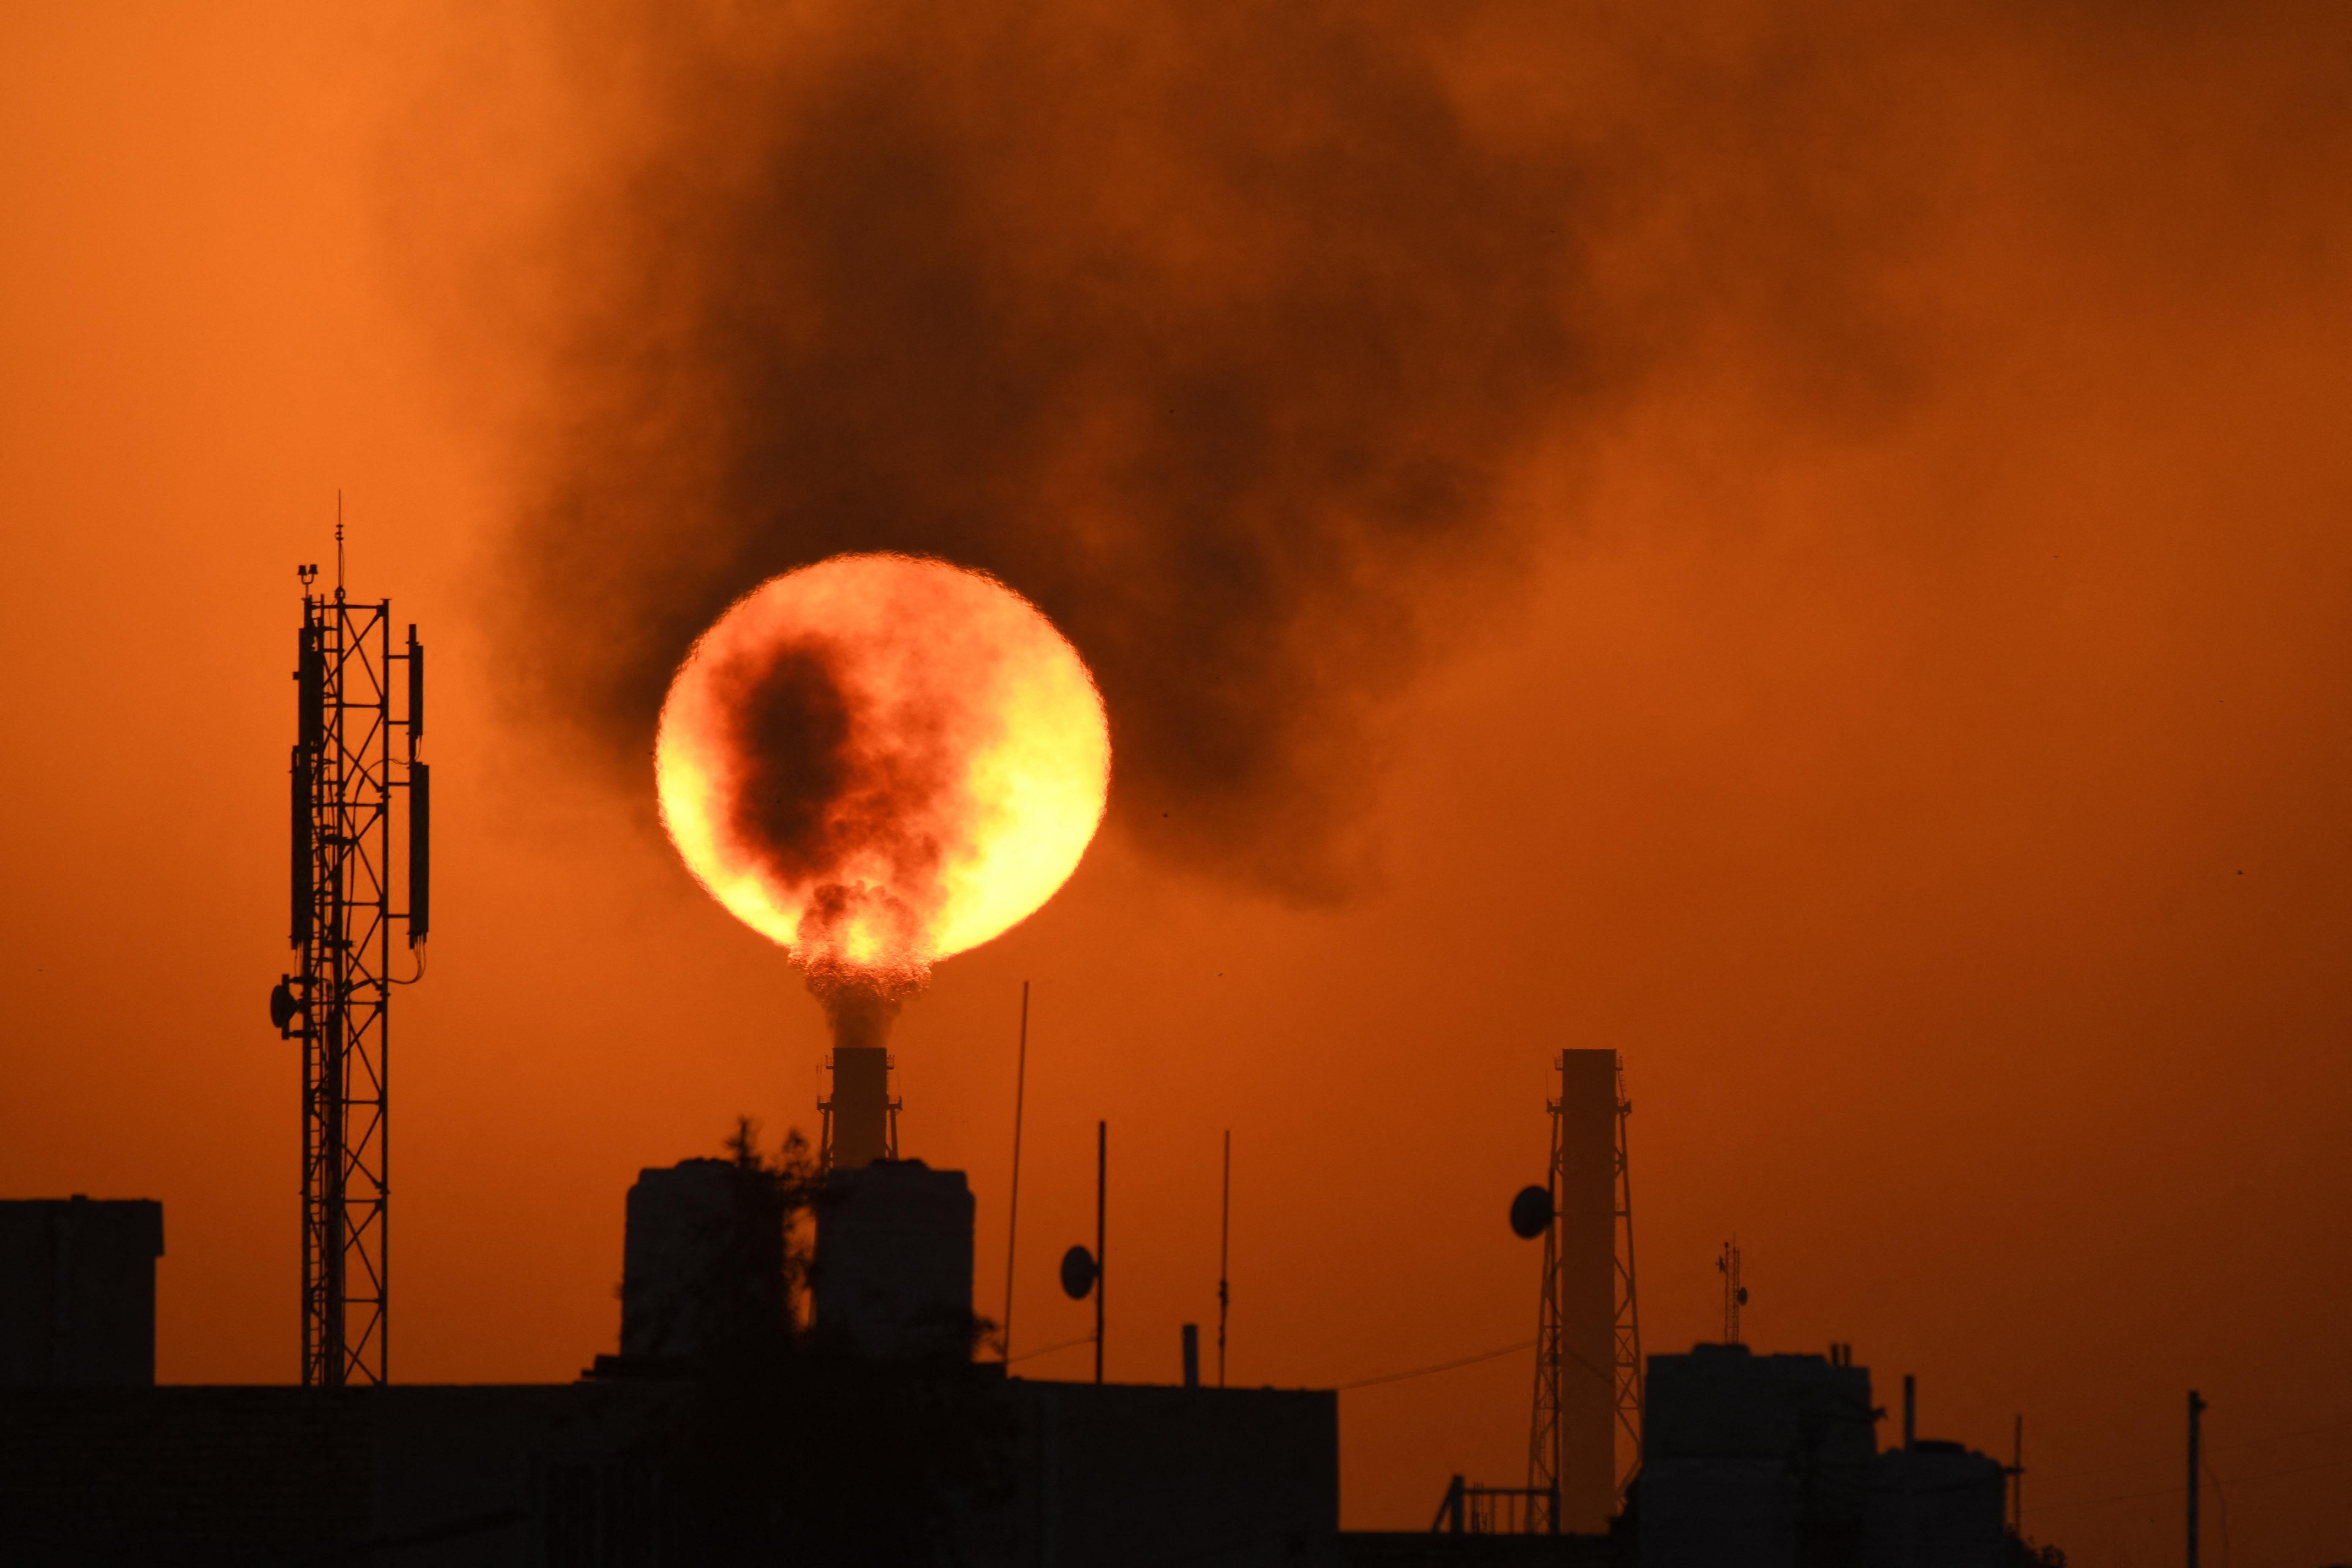 Súlyos pofonokat kaptak a héten a világ legnagyobb olajcégei